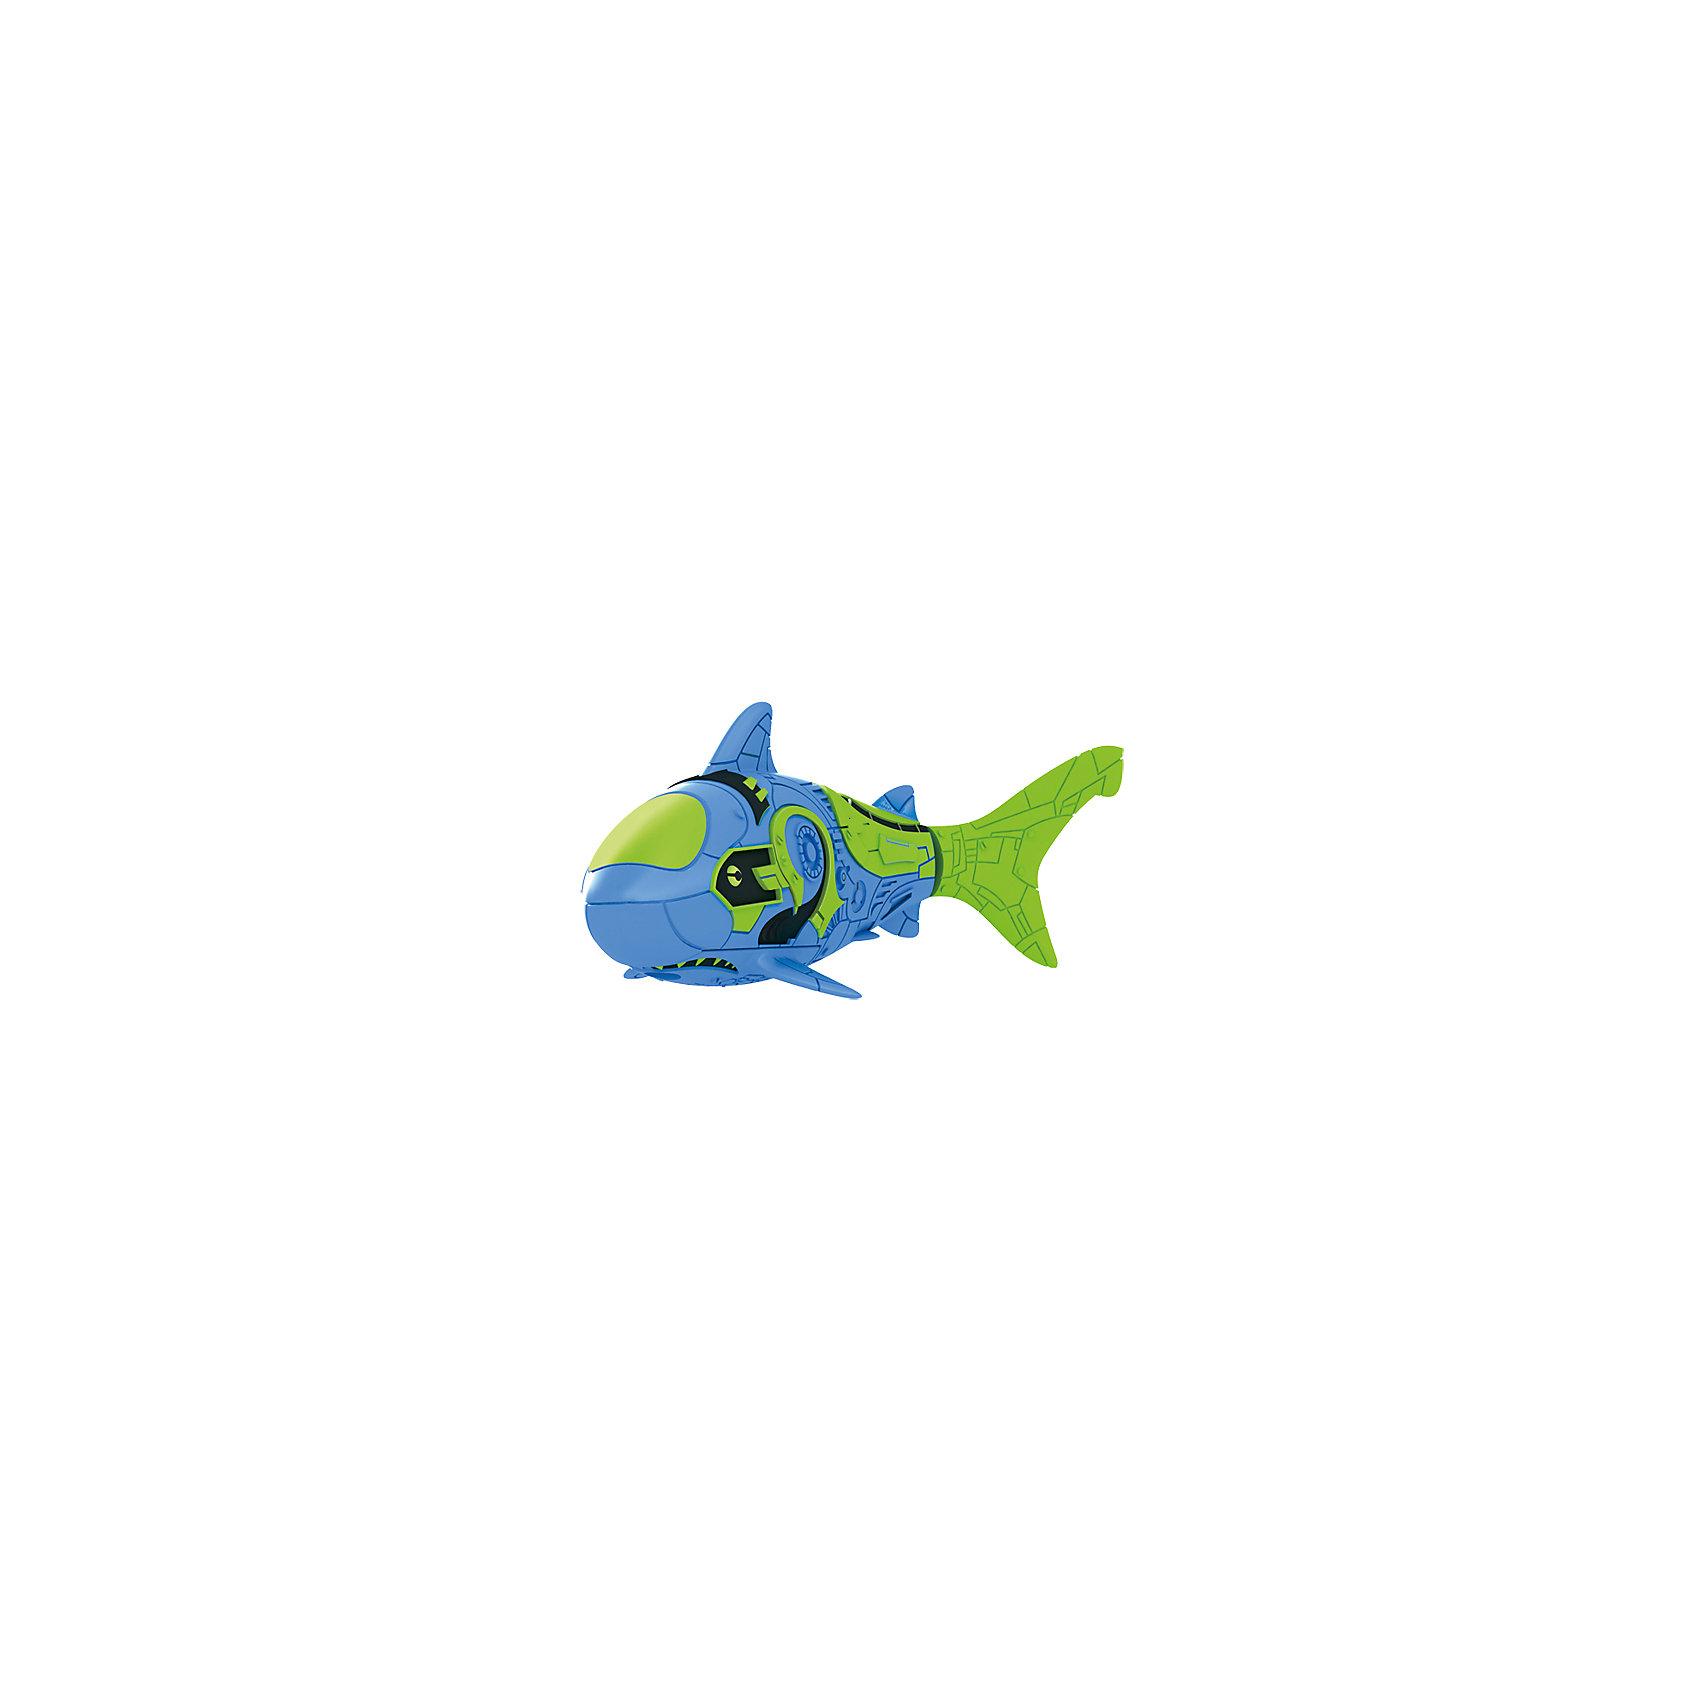 ZURU РобоРыбка Акула синяя, RoboFish игрушки для ванной zuru тропическая роборыбка хромис